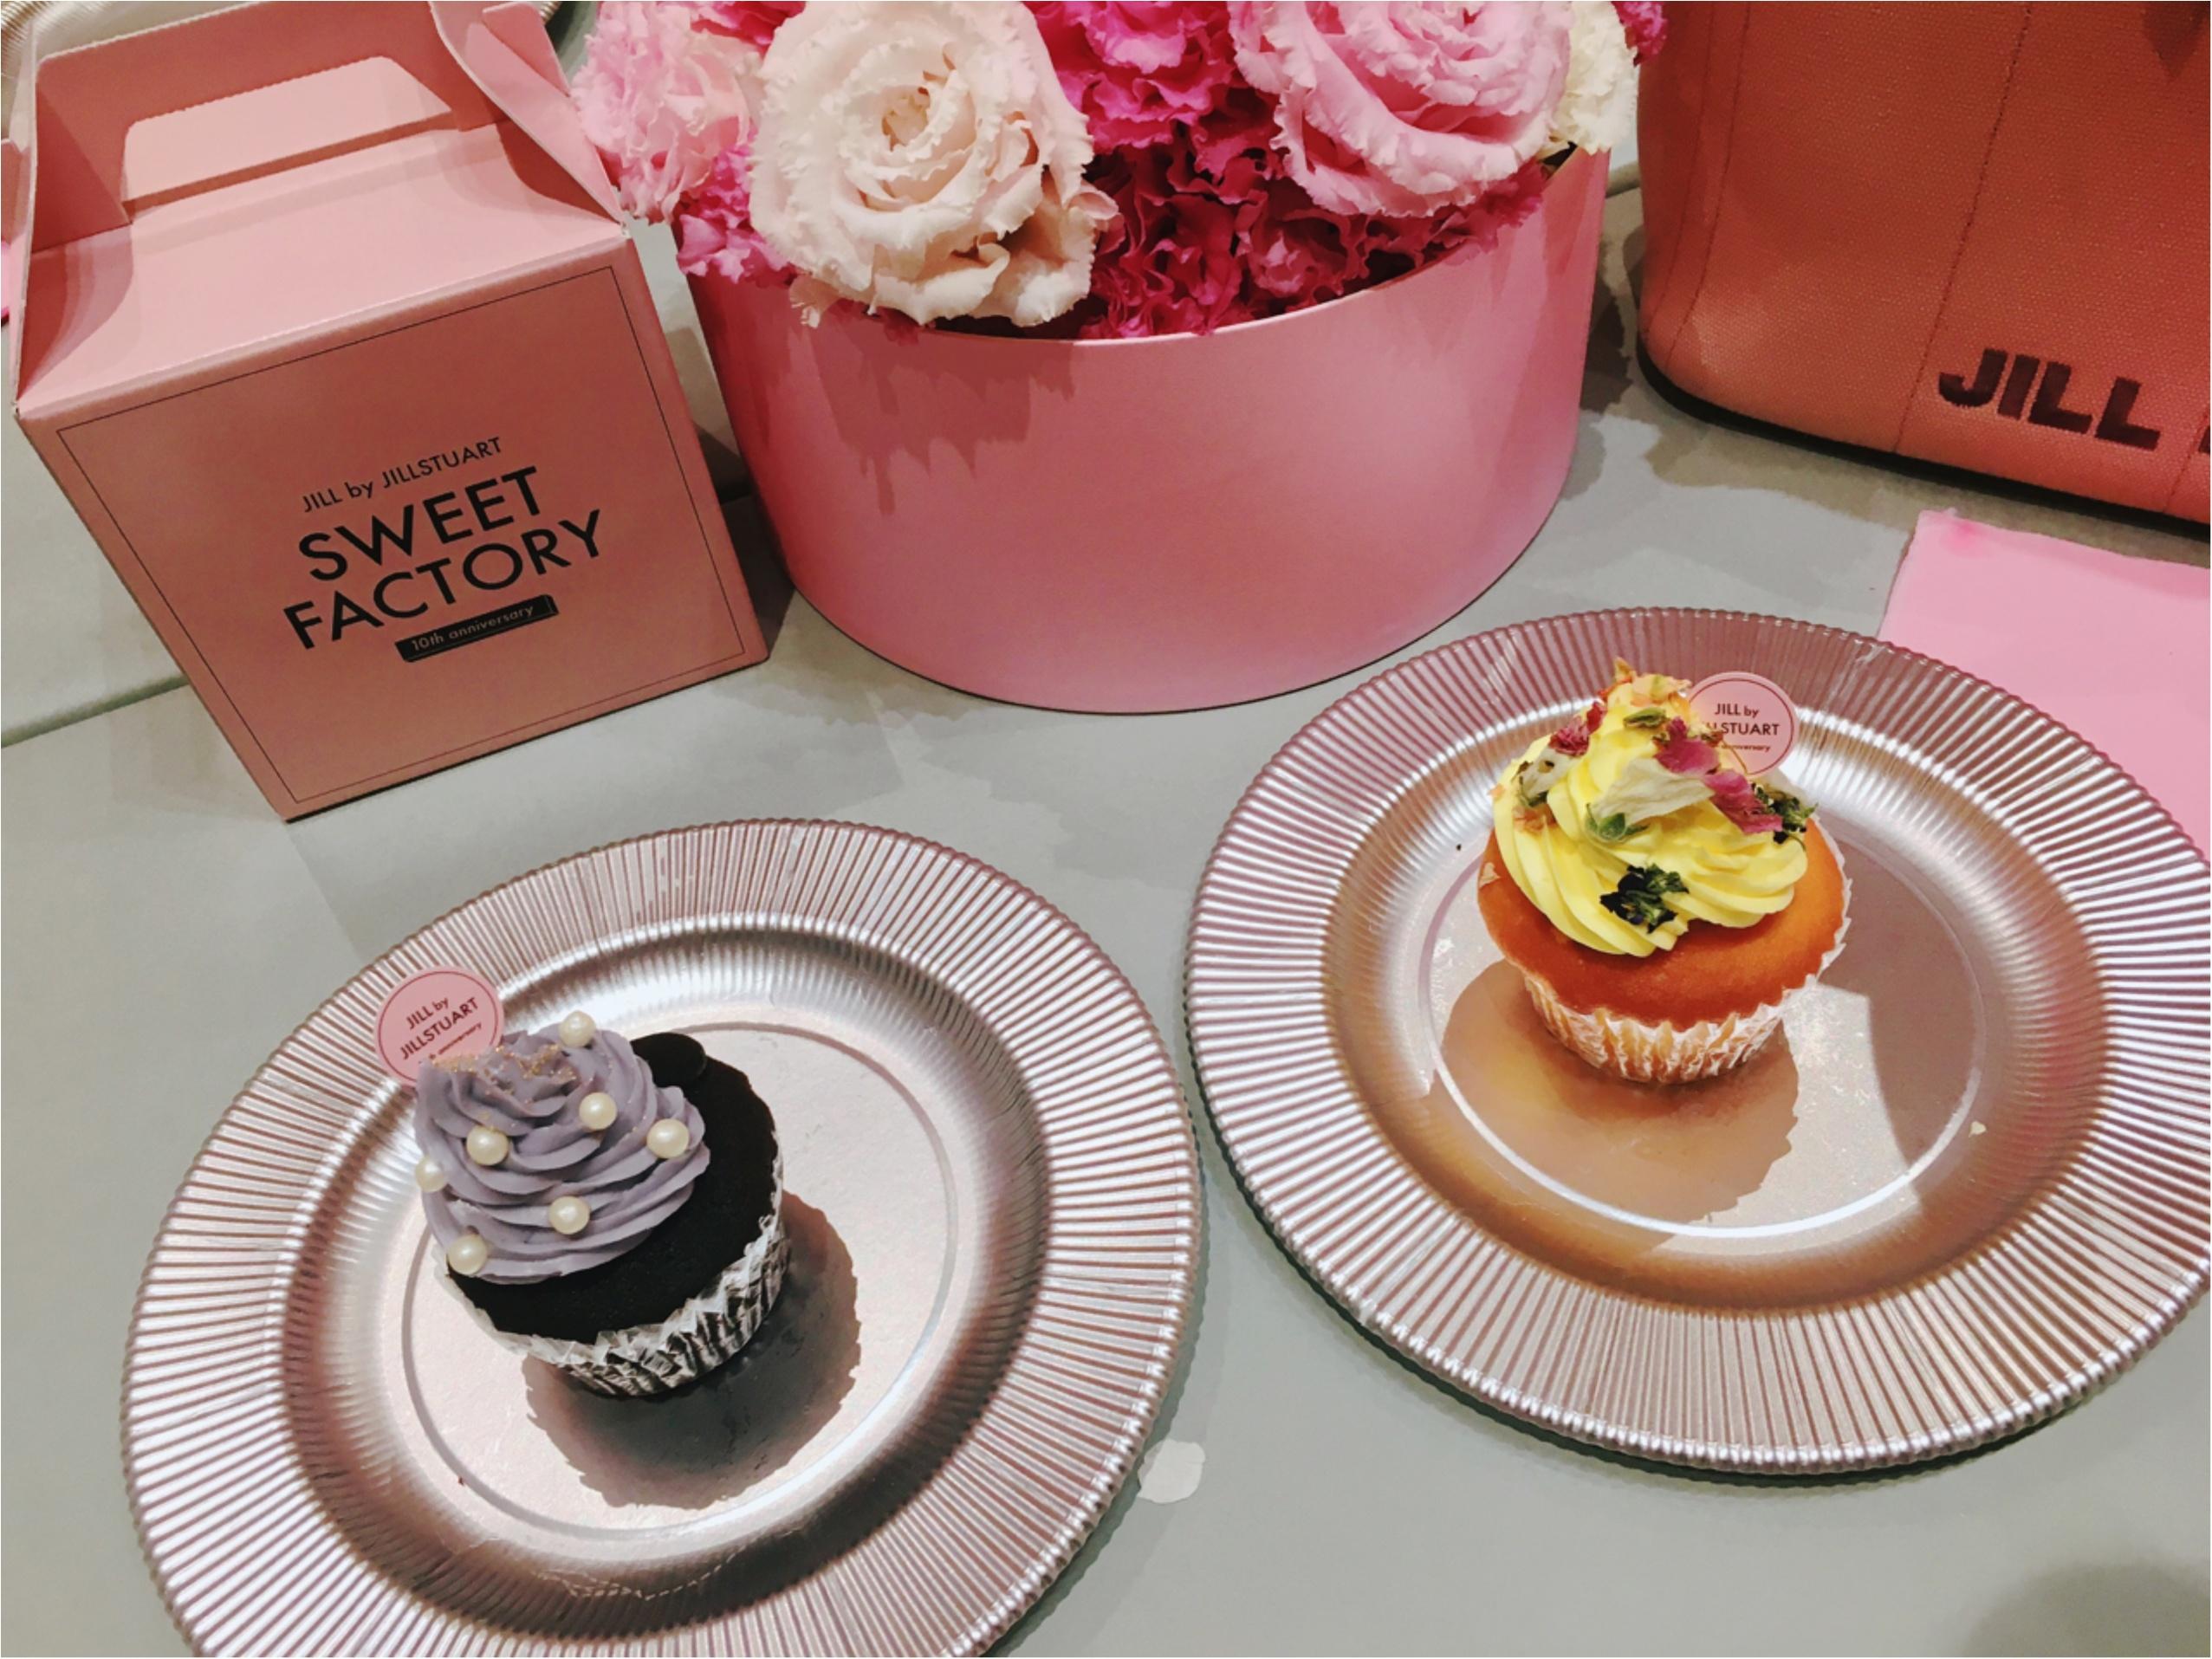 【JILLbyJILLSTUART(ジルバイ)】10thイベント『SWEET FACTORY』わたしにぴったりなカップケーキって?_3